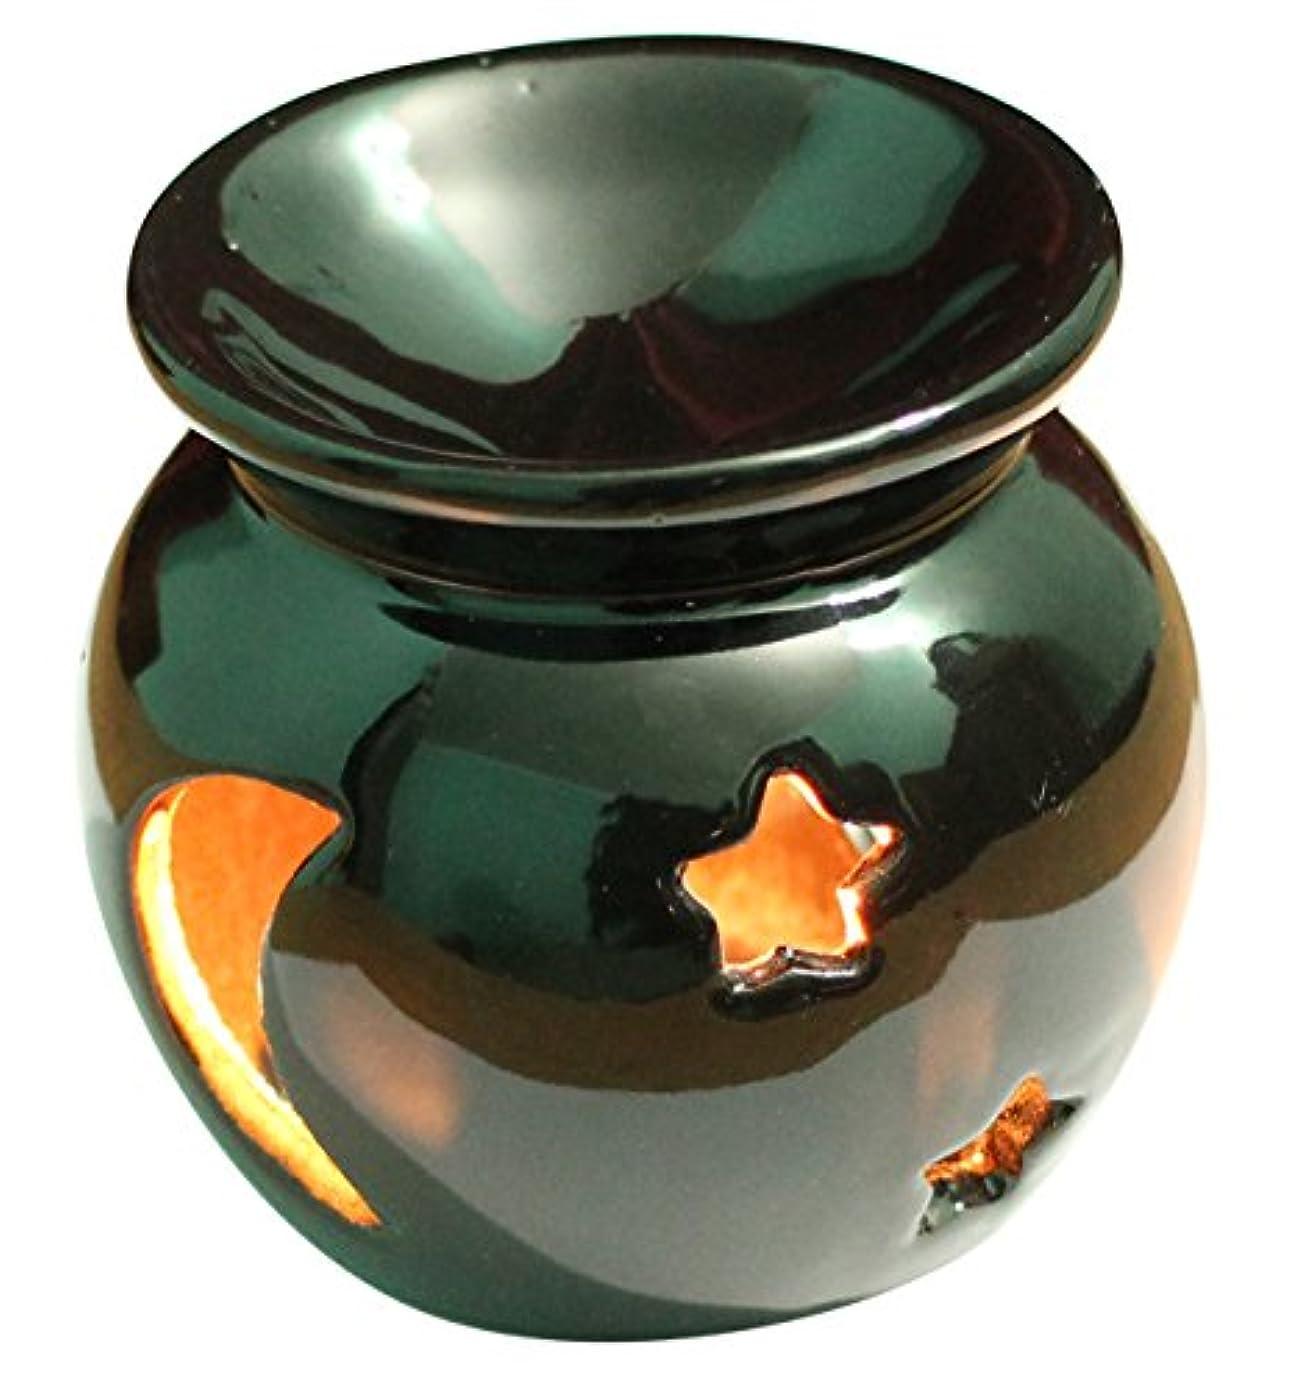 緩む縫う深くAb Handicrafts – セラミック – Essential Oil Burner、完璧ハンドメイドOil Diffuser for Fragrance &アロマセラピー – 素晴らしい装飾のリビングルーム、バルコニー...